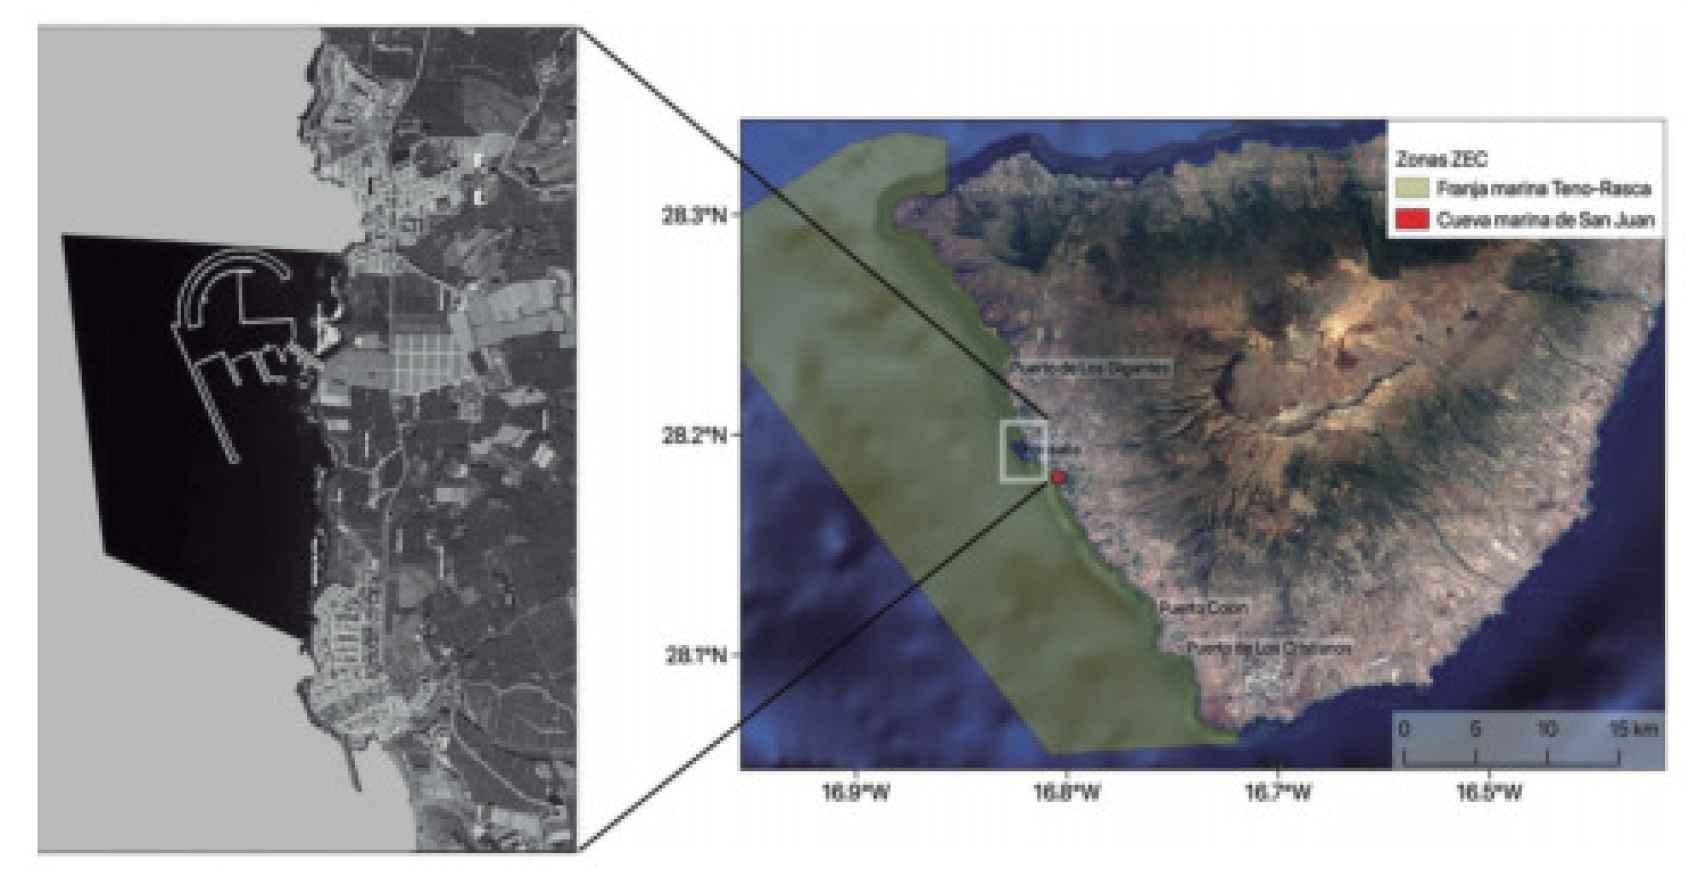 Imagen de la costa tinerfeña con los cuatro puertos y el proyecto de Fonsalía.